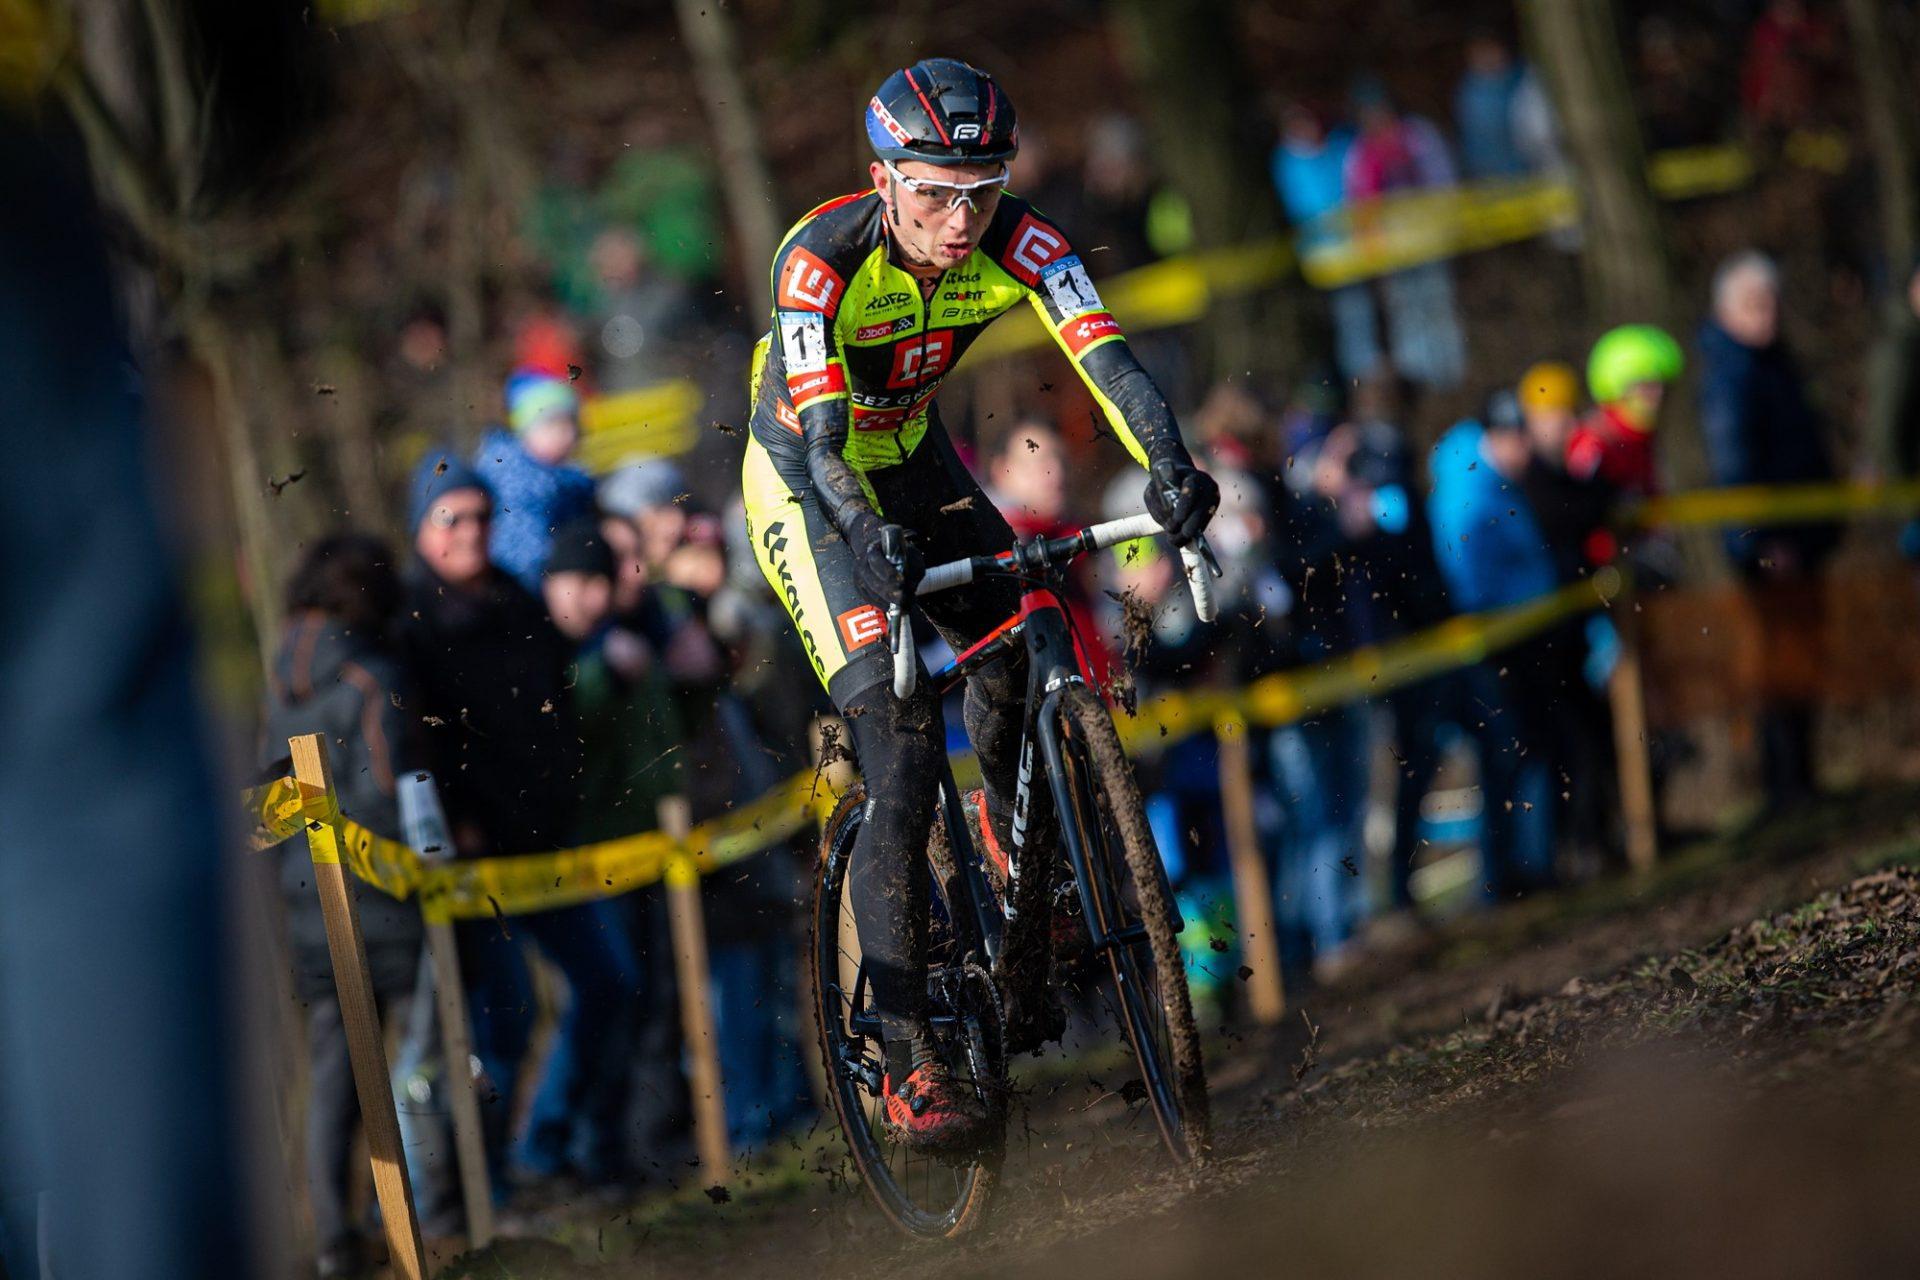 Michael Boroš je nejlepším z českých cyklokrosových reprezentantů. Foto: Michal Červený